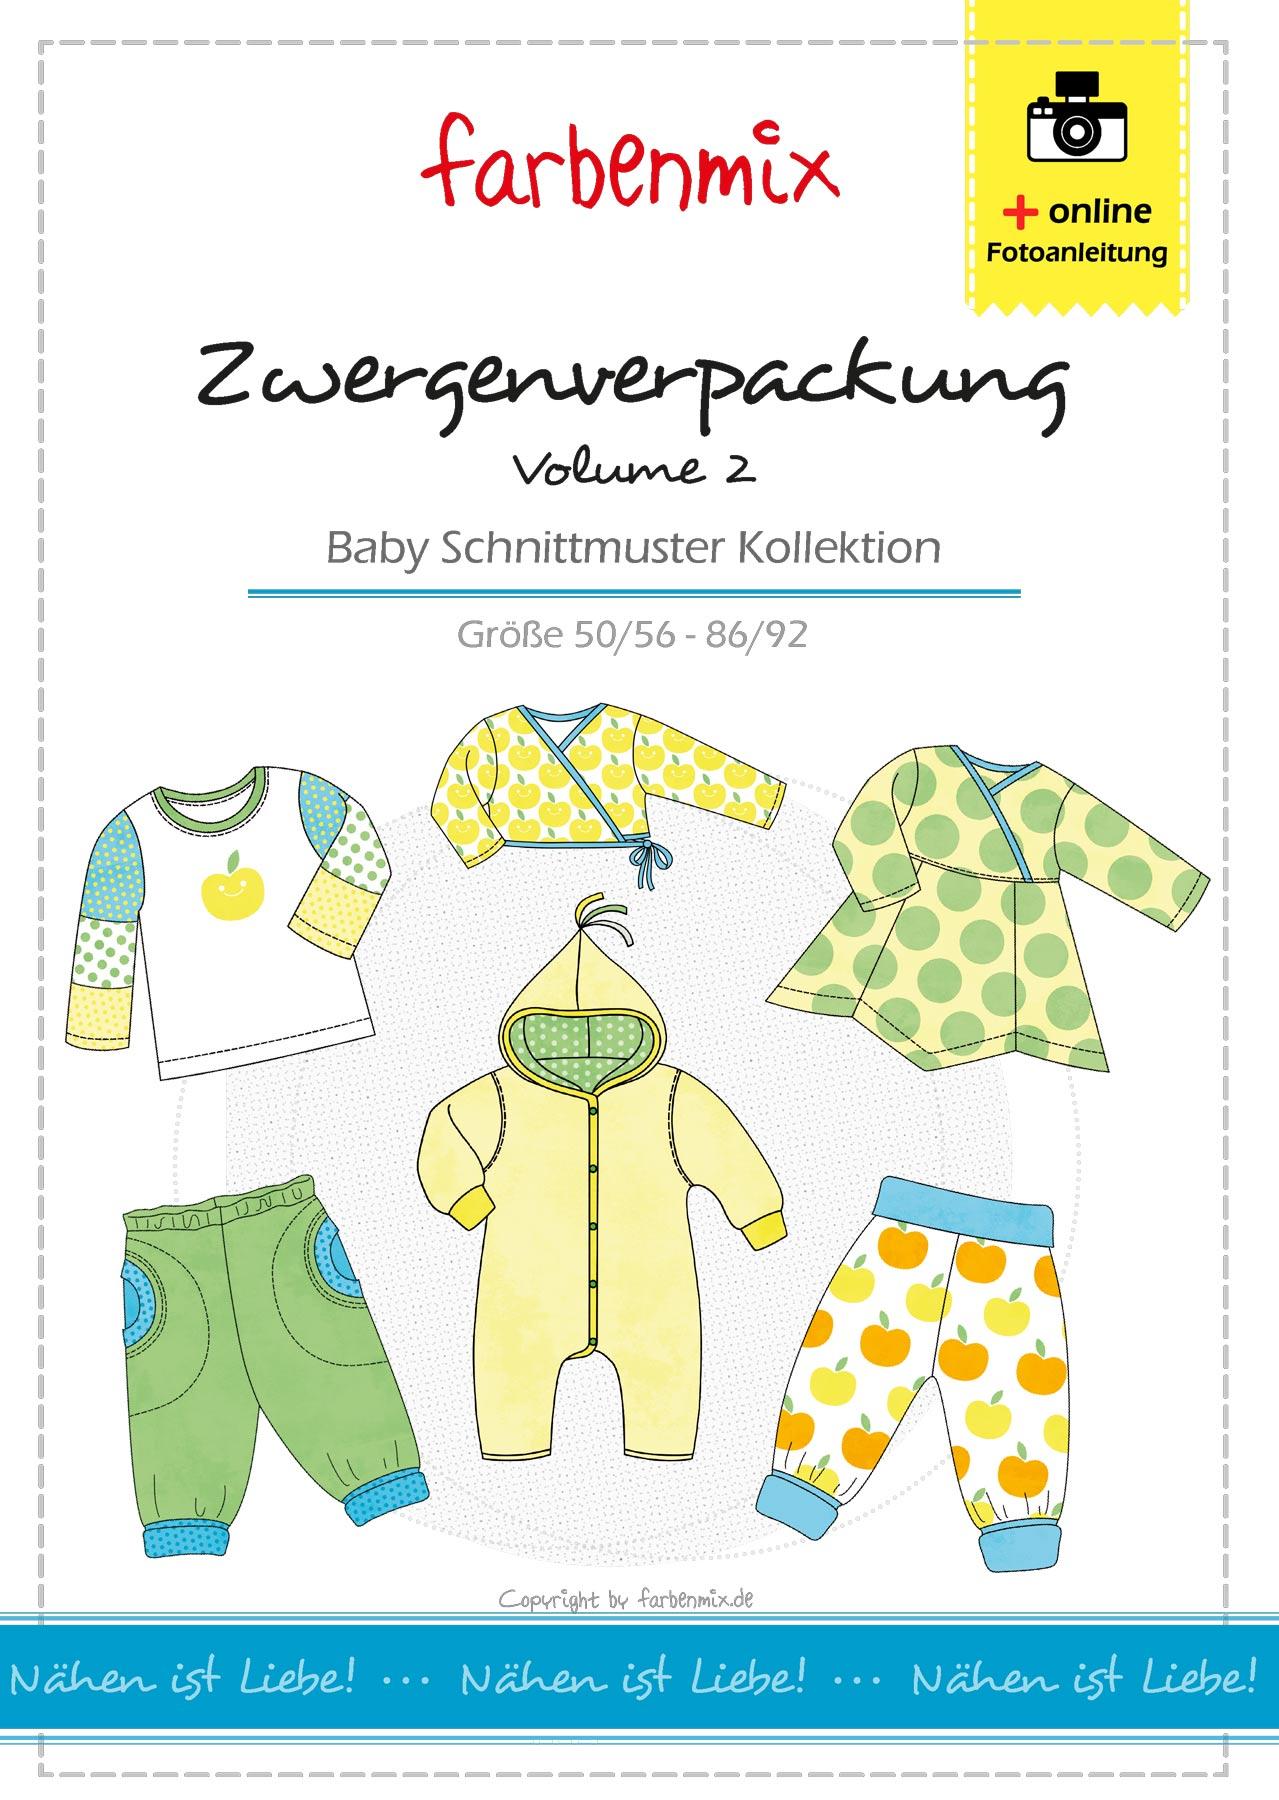 0714529c77b949 Babykleidung nähen - Zwergenverpackung Vol. 2 mit 6 Schnittmustern |  farbenmix